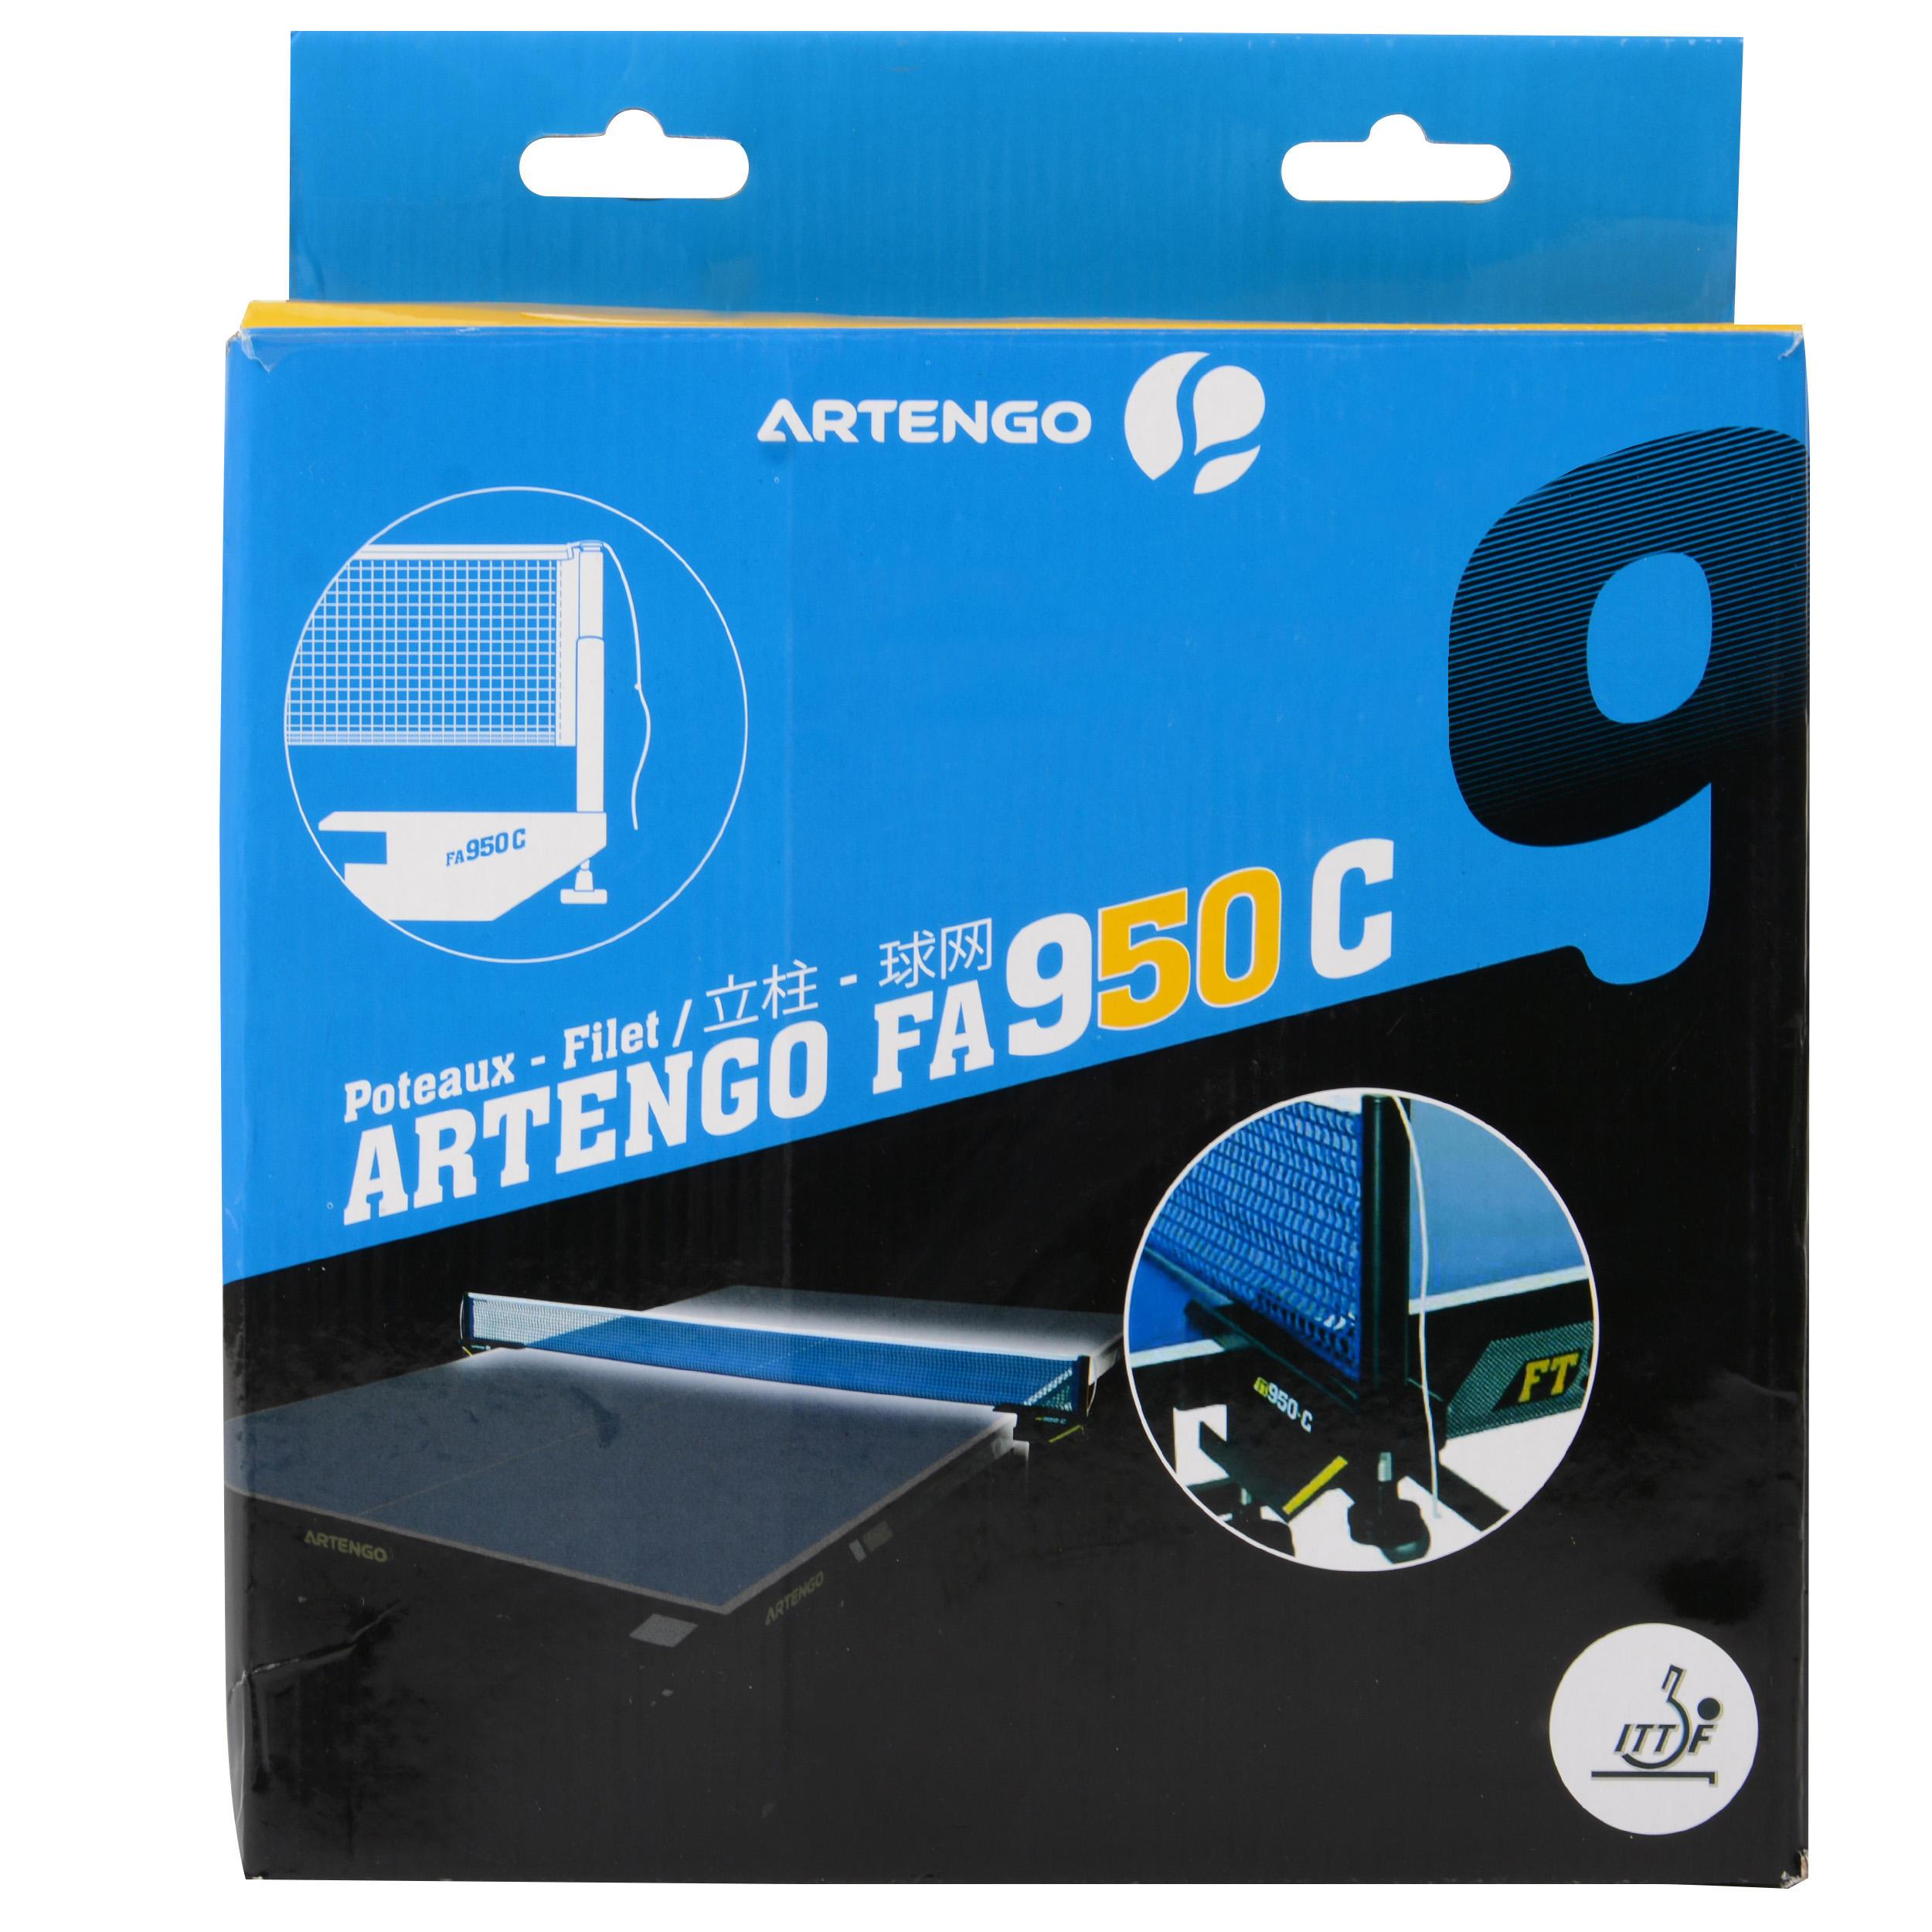 Artengo SETJE MET NETPOSTEN EN NETJE VOOR TAFELTENNIS FA 950 C ITTF kopen met voordeel